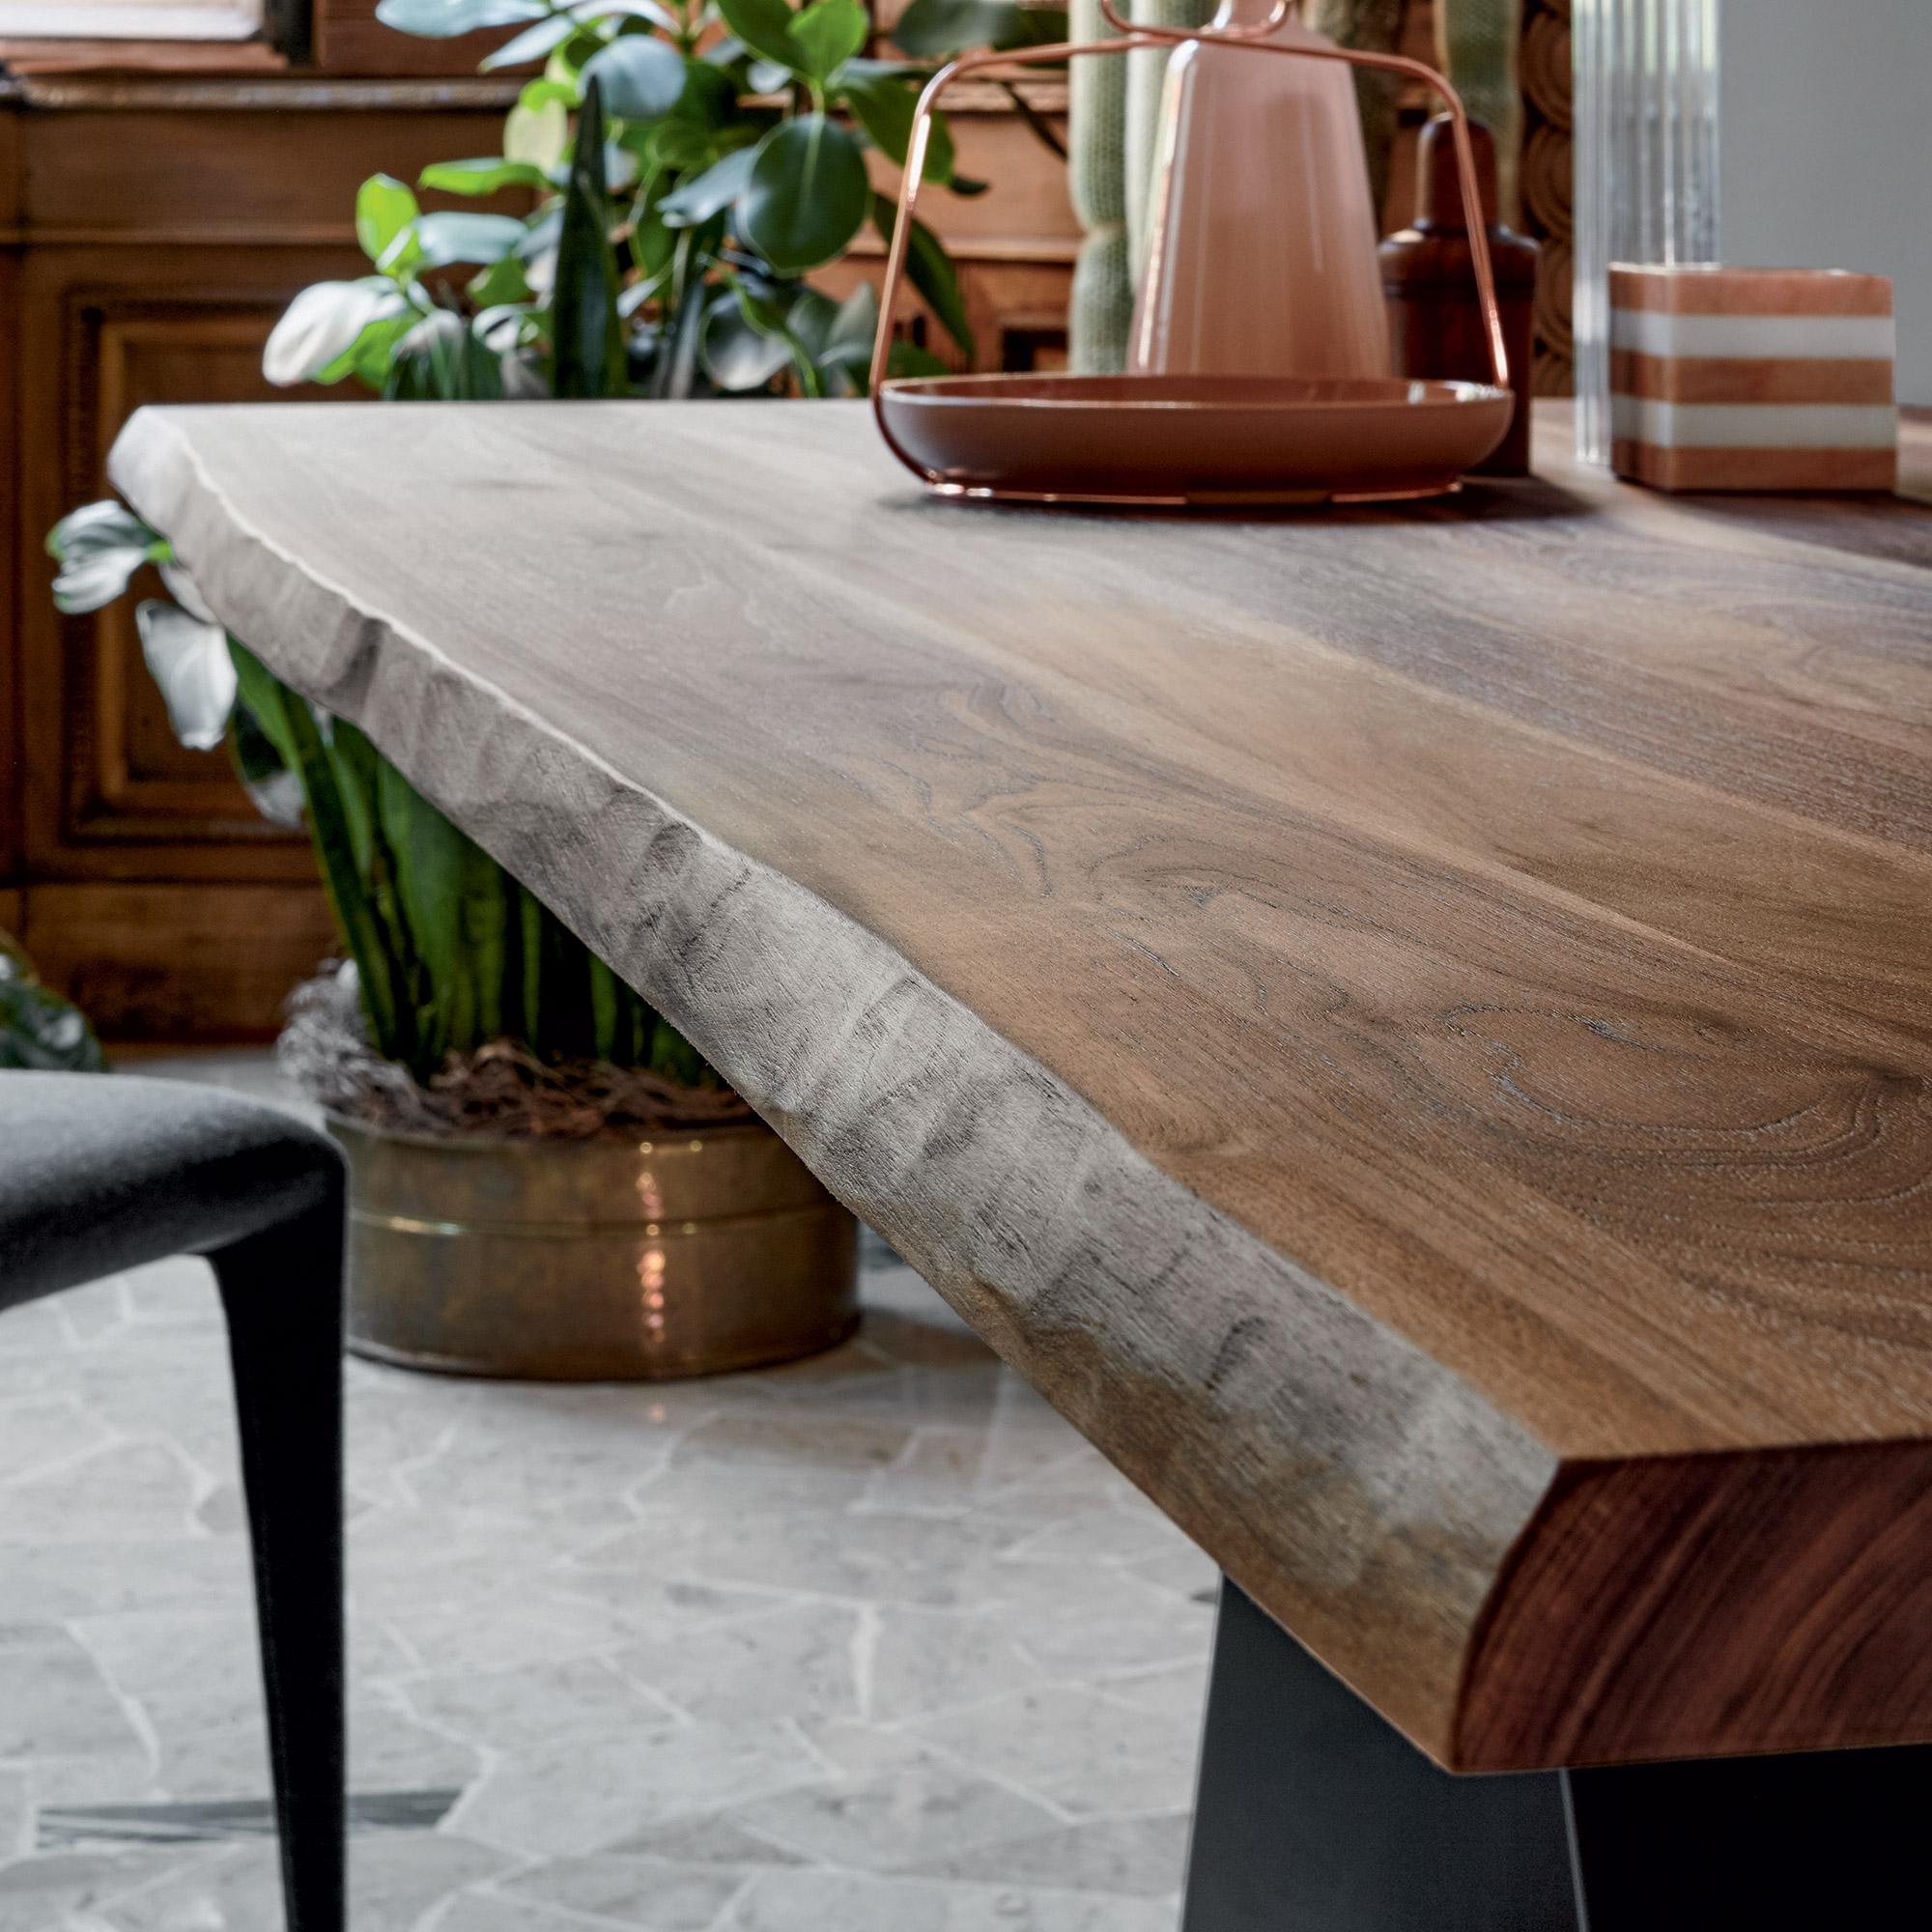 Wunderbar Bonaldo AX Tisch Mit Amerikanischer Nussbaum Tischplatte